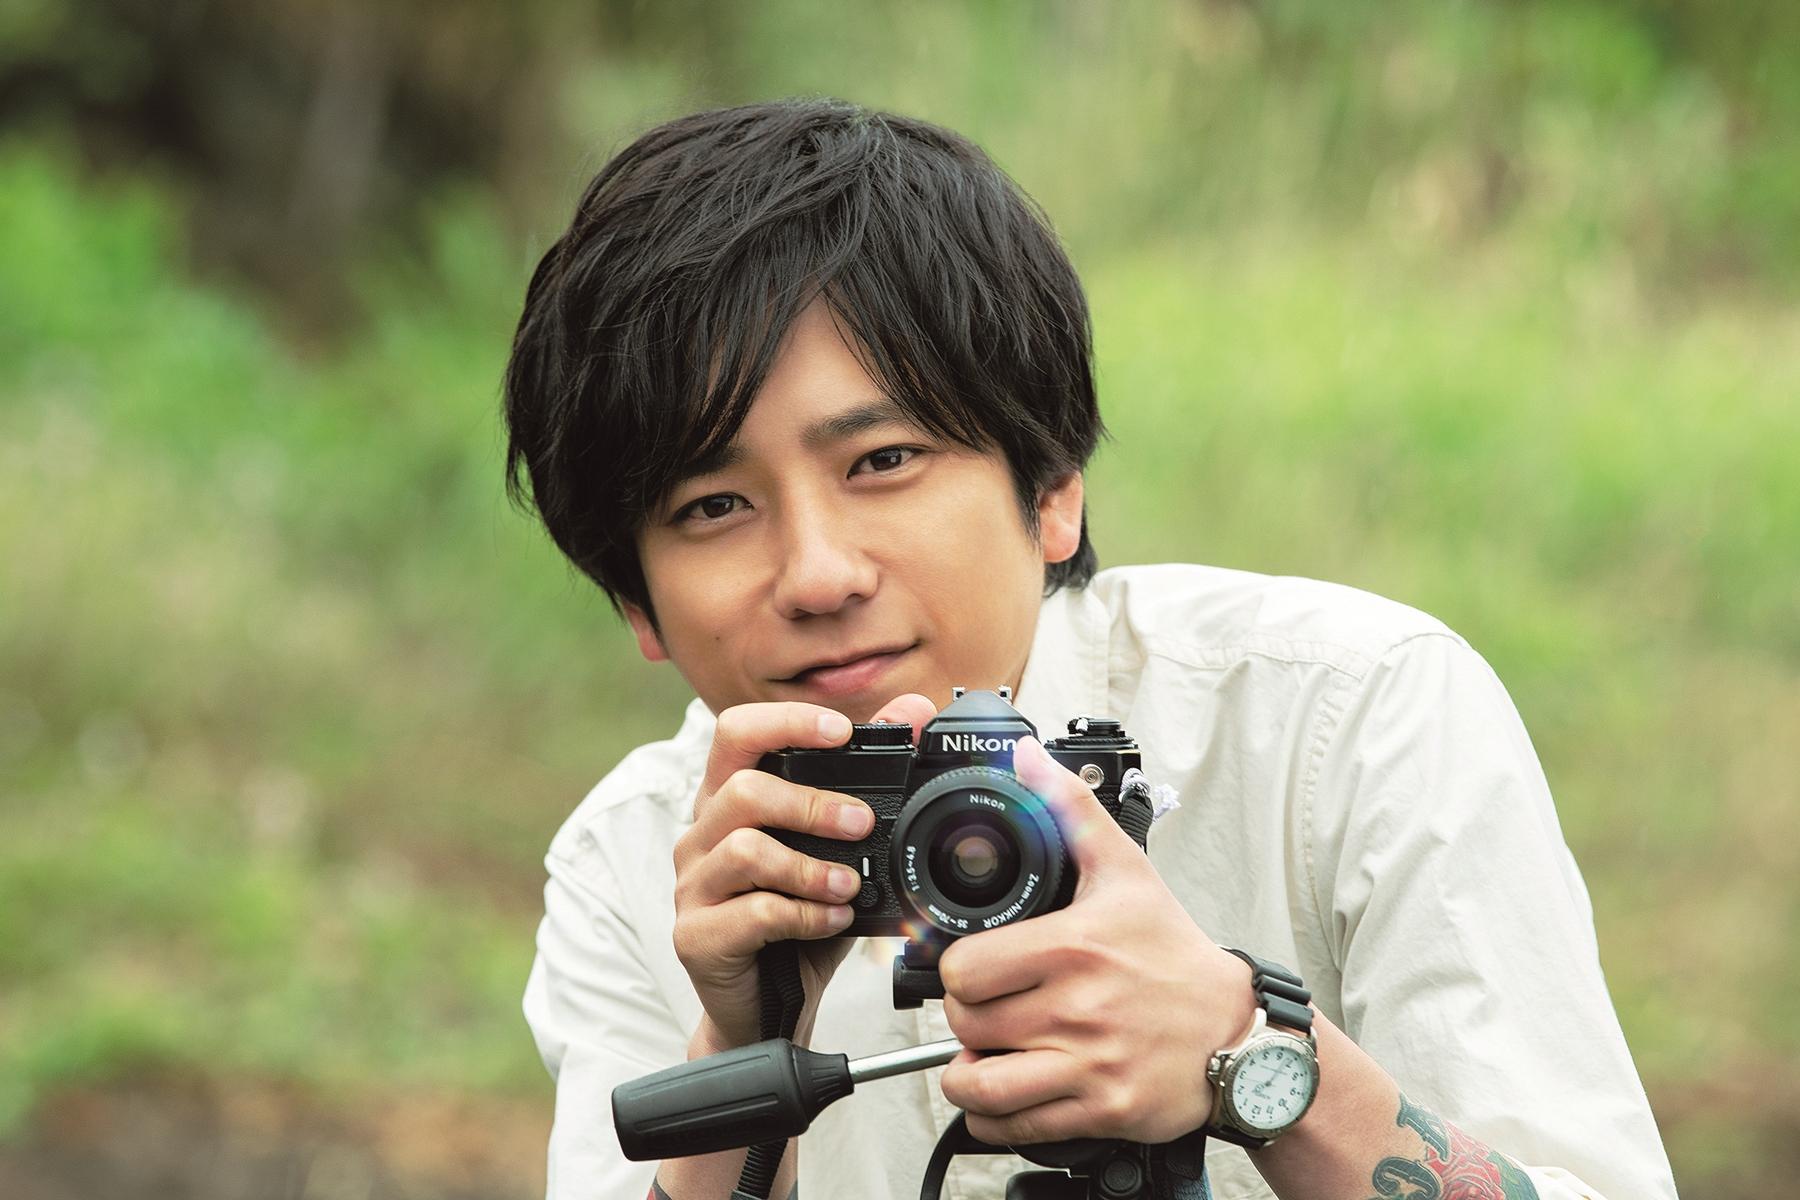 《淺田家!》榮獲日本奧斯卡8項優秀獎肯定 二宮和也再戰影帝